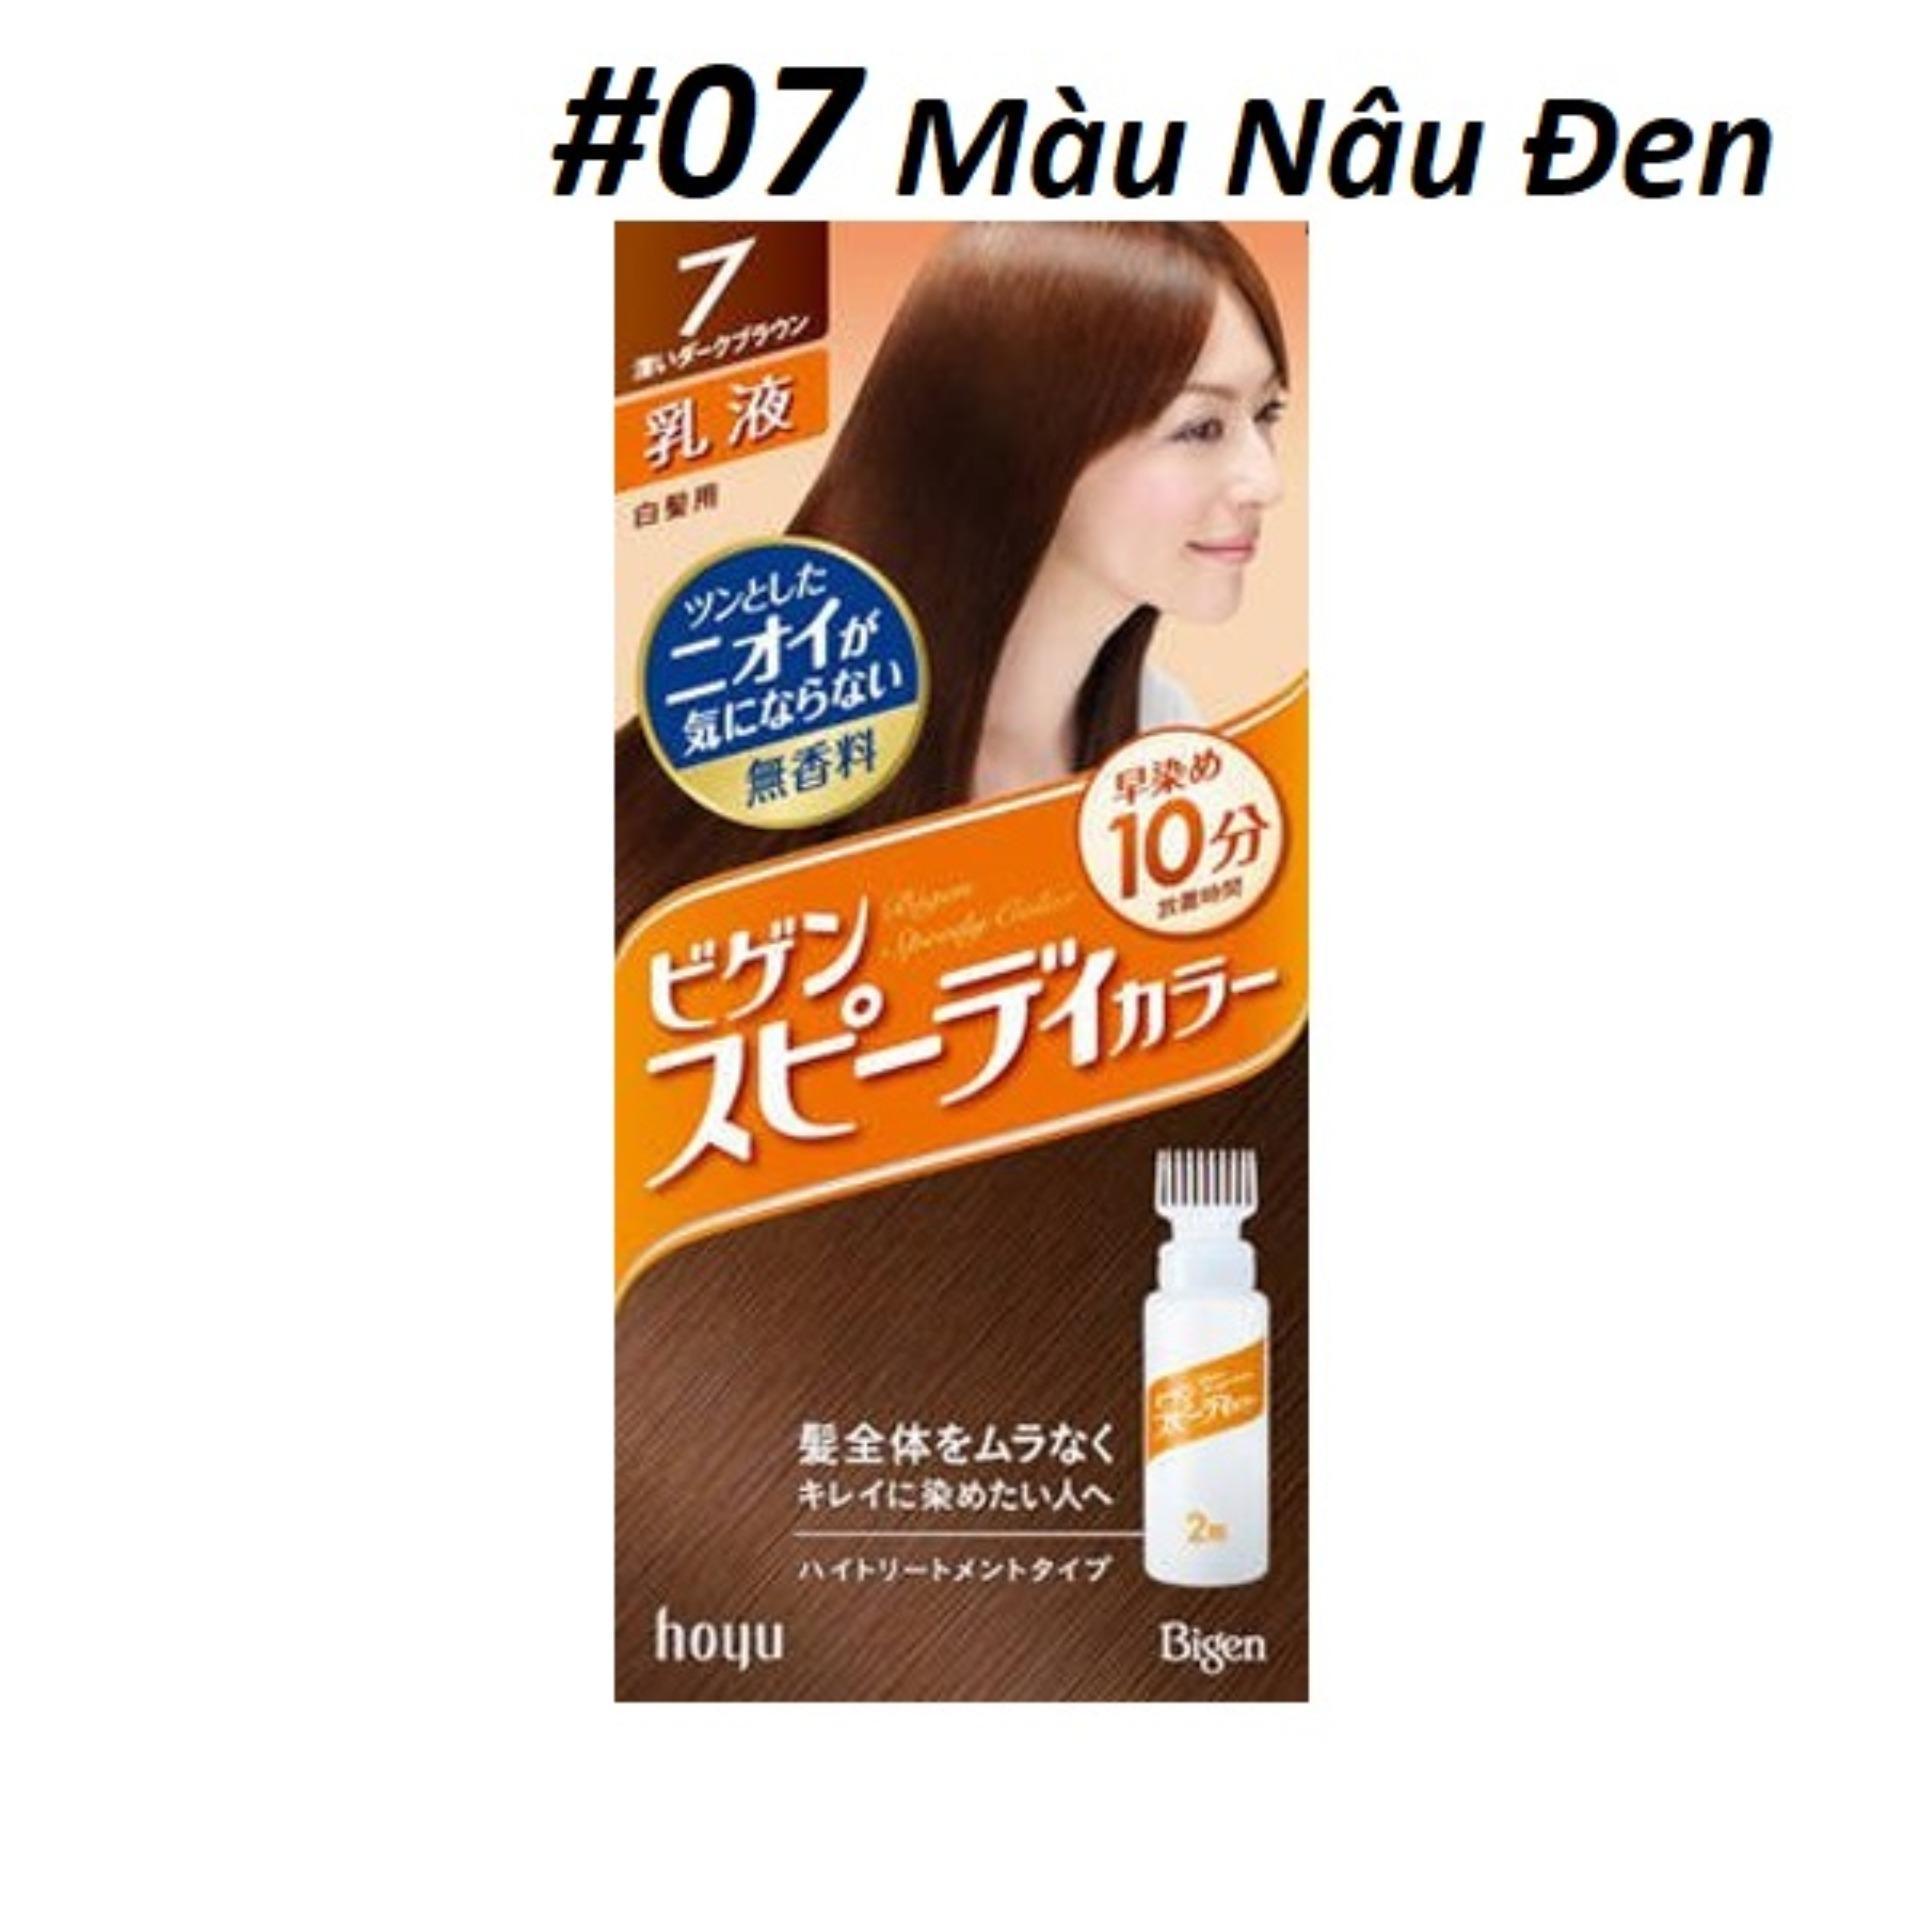 Thuốc Nhuộm Tóc BIGEN Nhật Bản #07 Màu Nâu Đen nhập khẩu